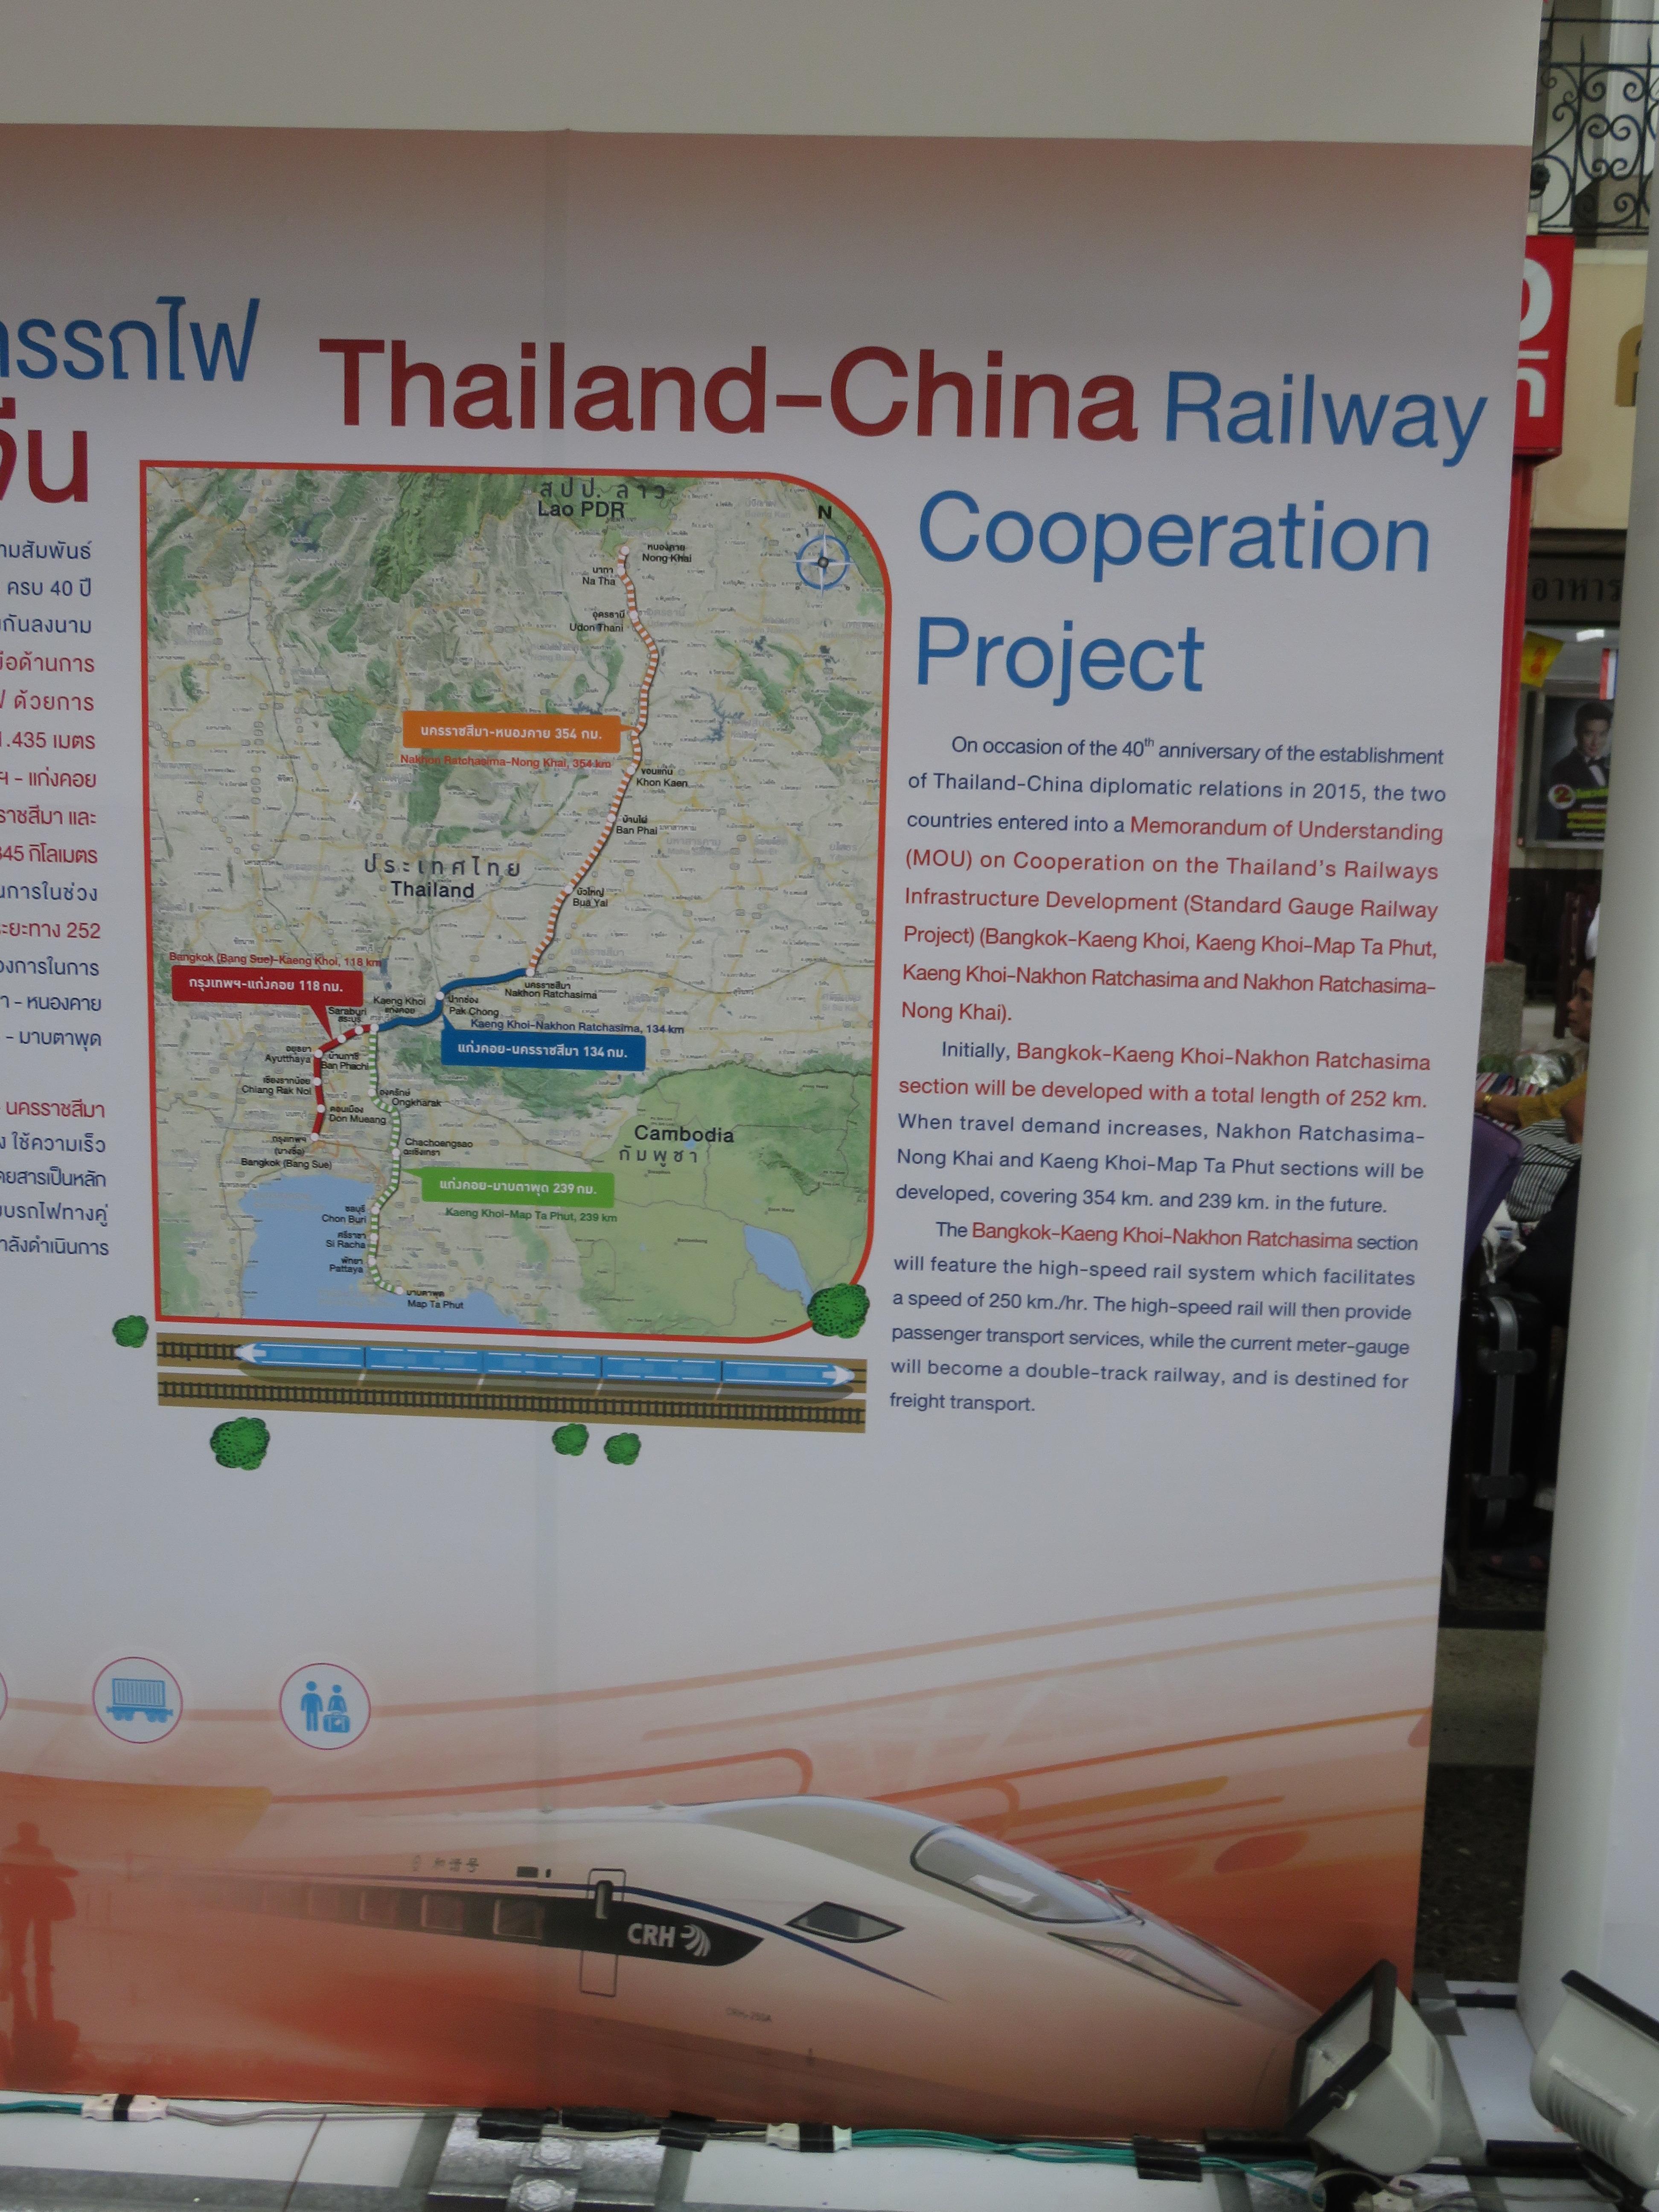 Pläne: Ausstellung im Bahnhof in Bangkok